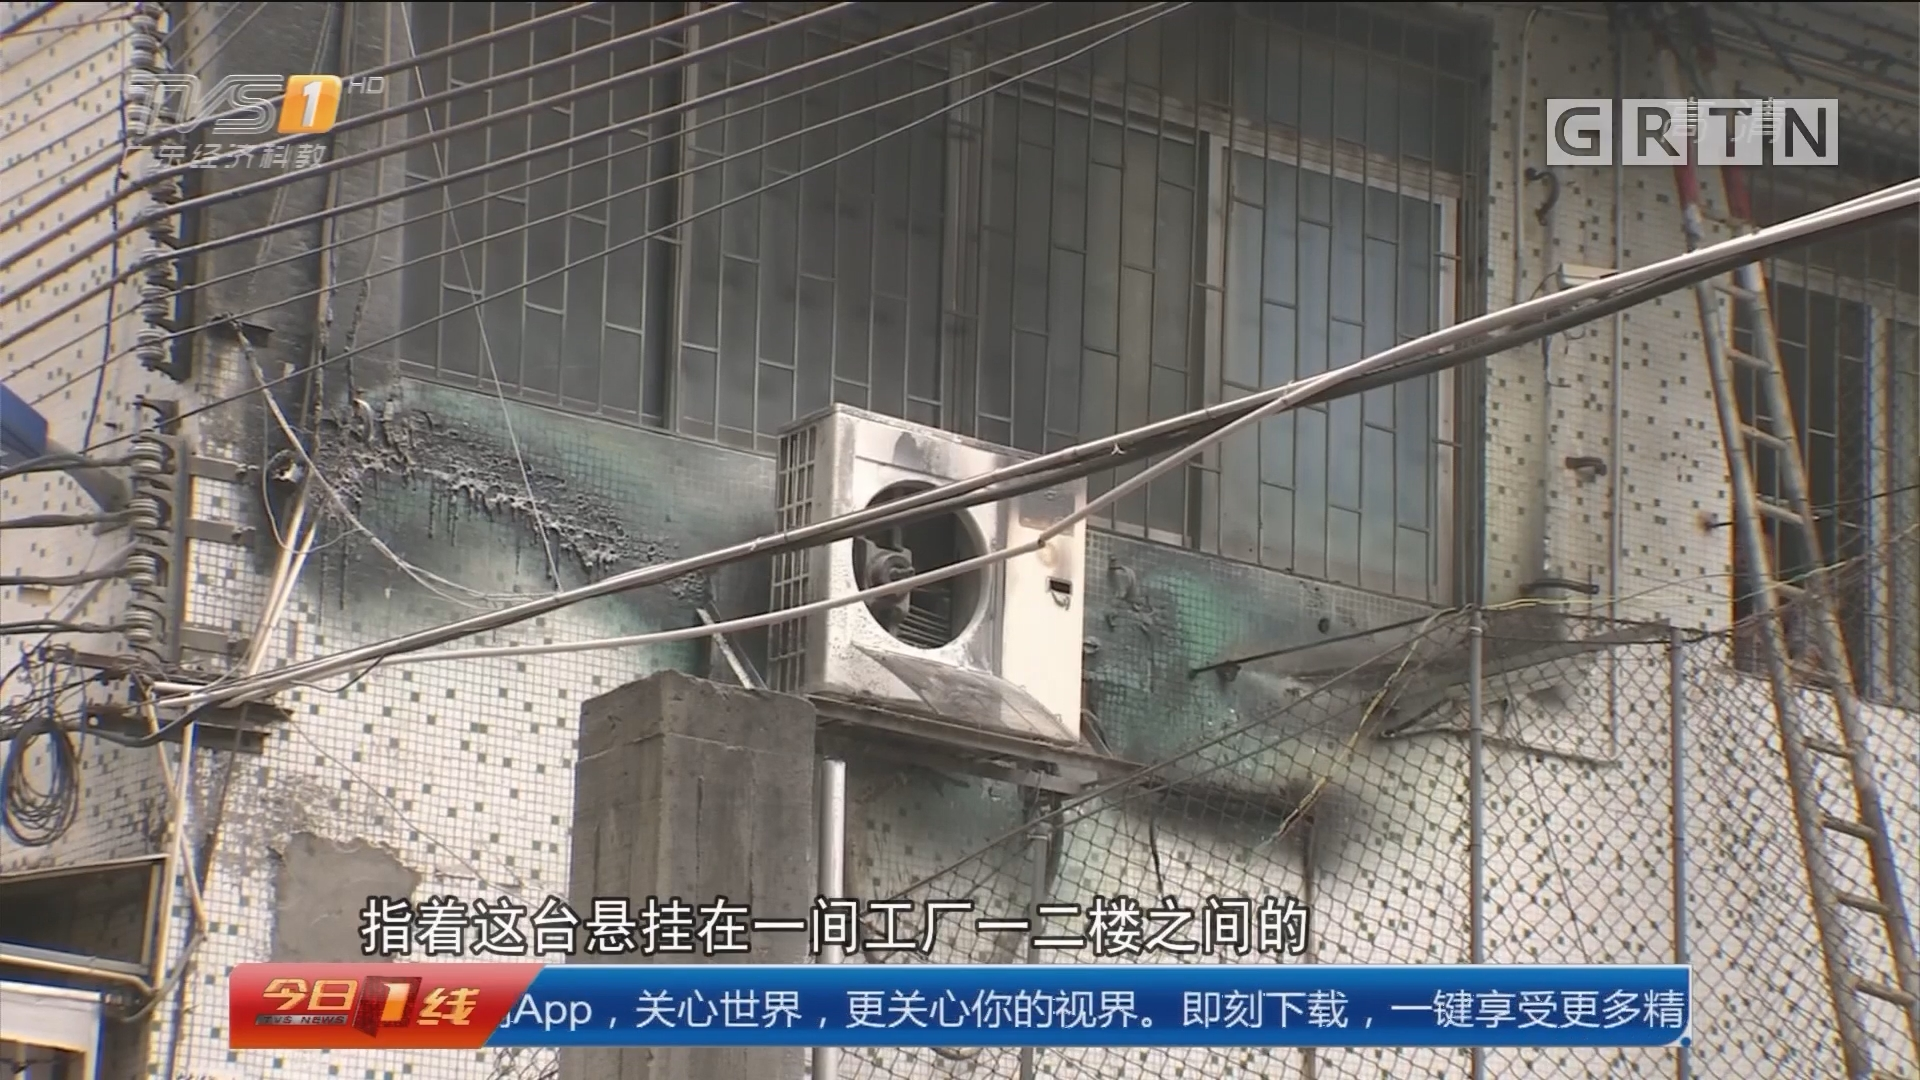 """广州白云:空调变身""""烟花机"""" 扑救及时无人伤"""